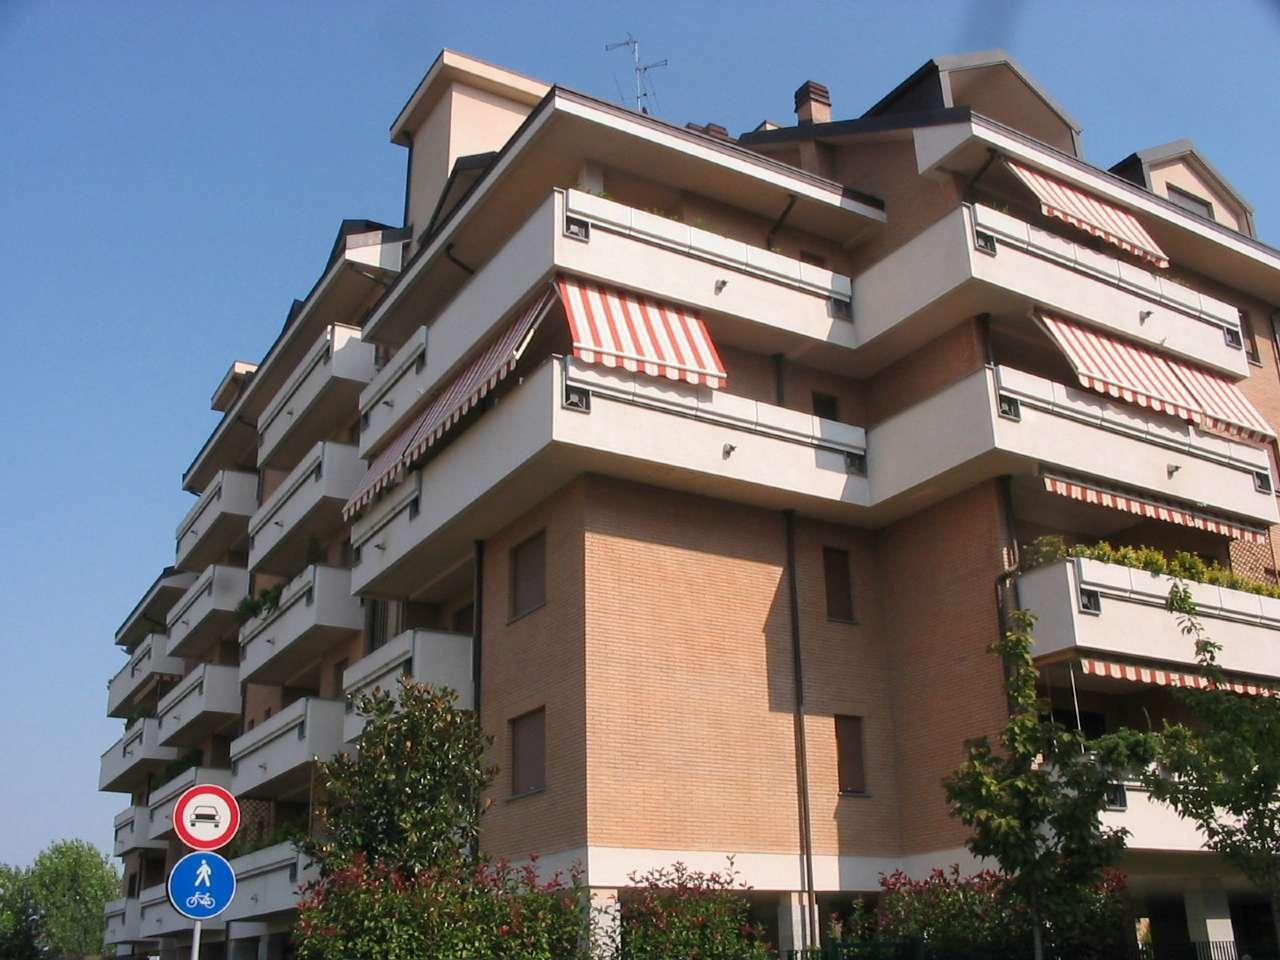 Appartamento in vendita a Opera, 4 locali, prezzo € 370.000 | PortaleAgenzieImmobiliari.it